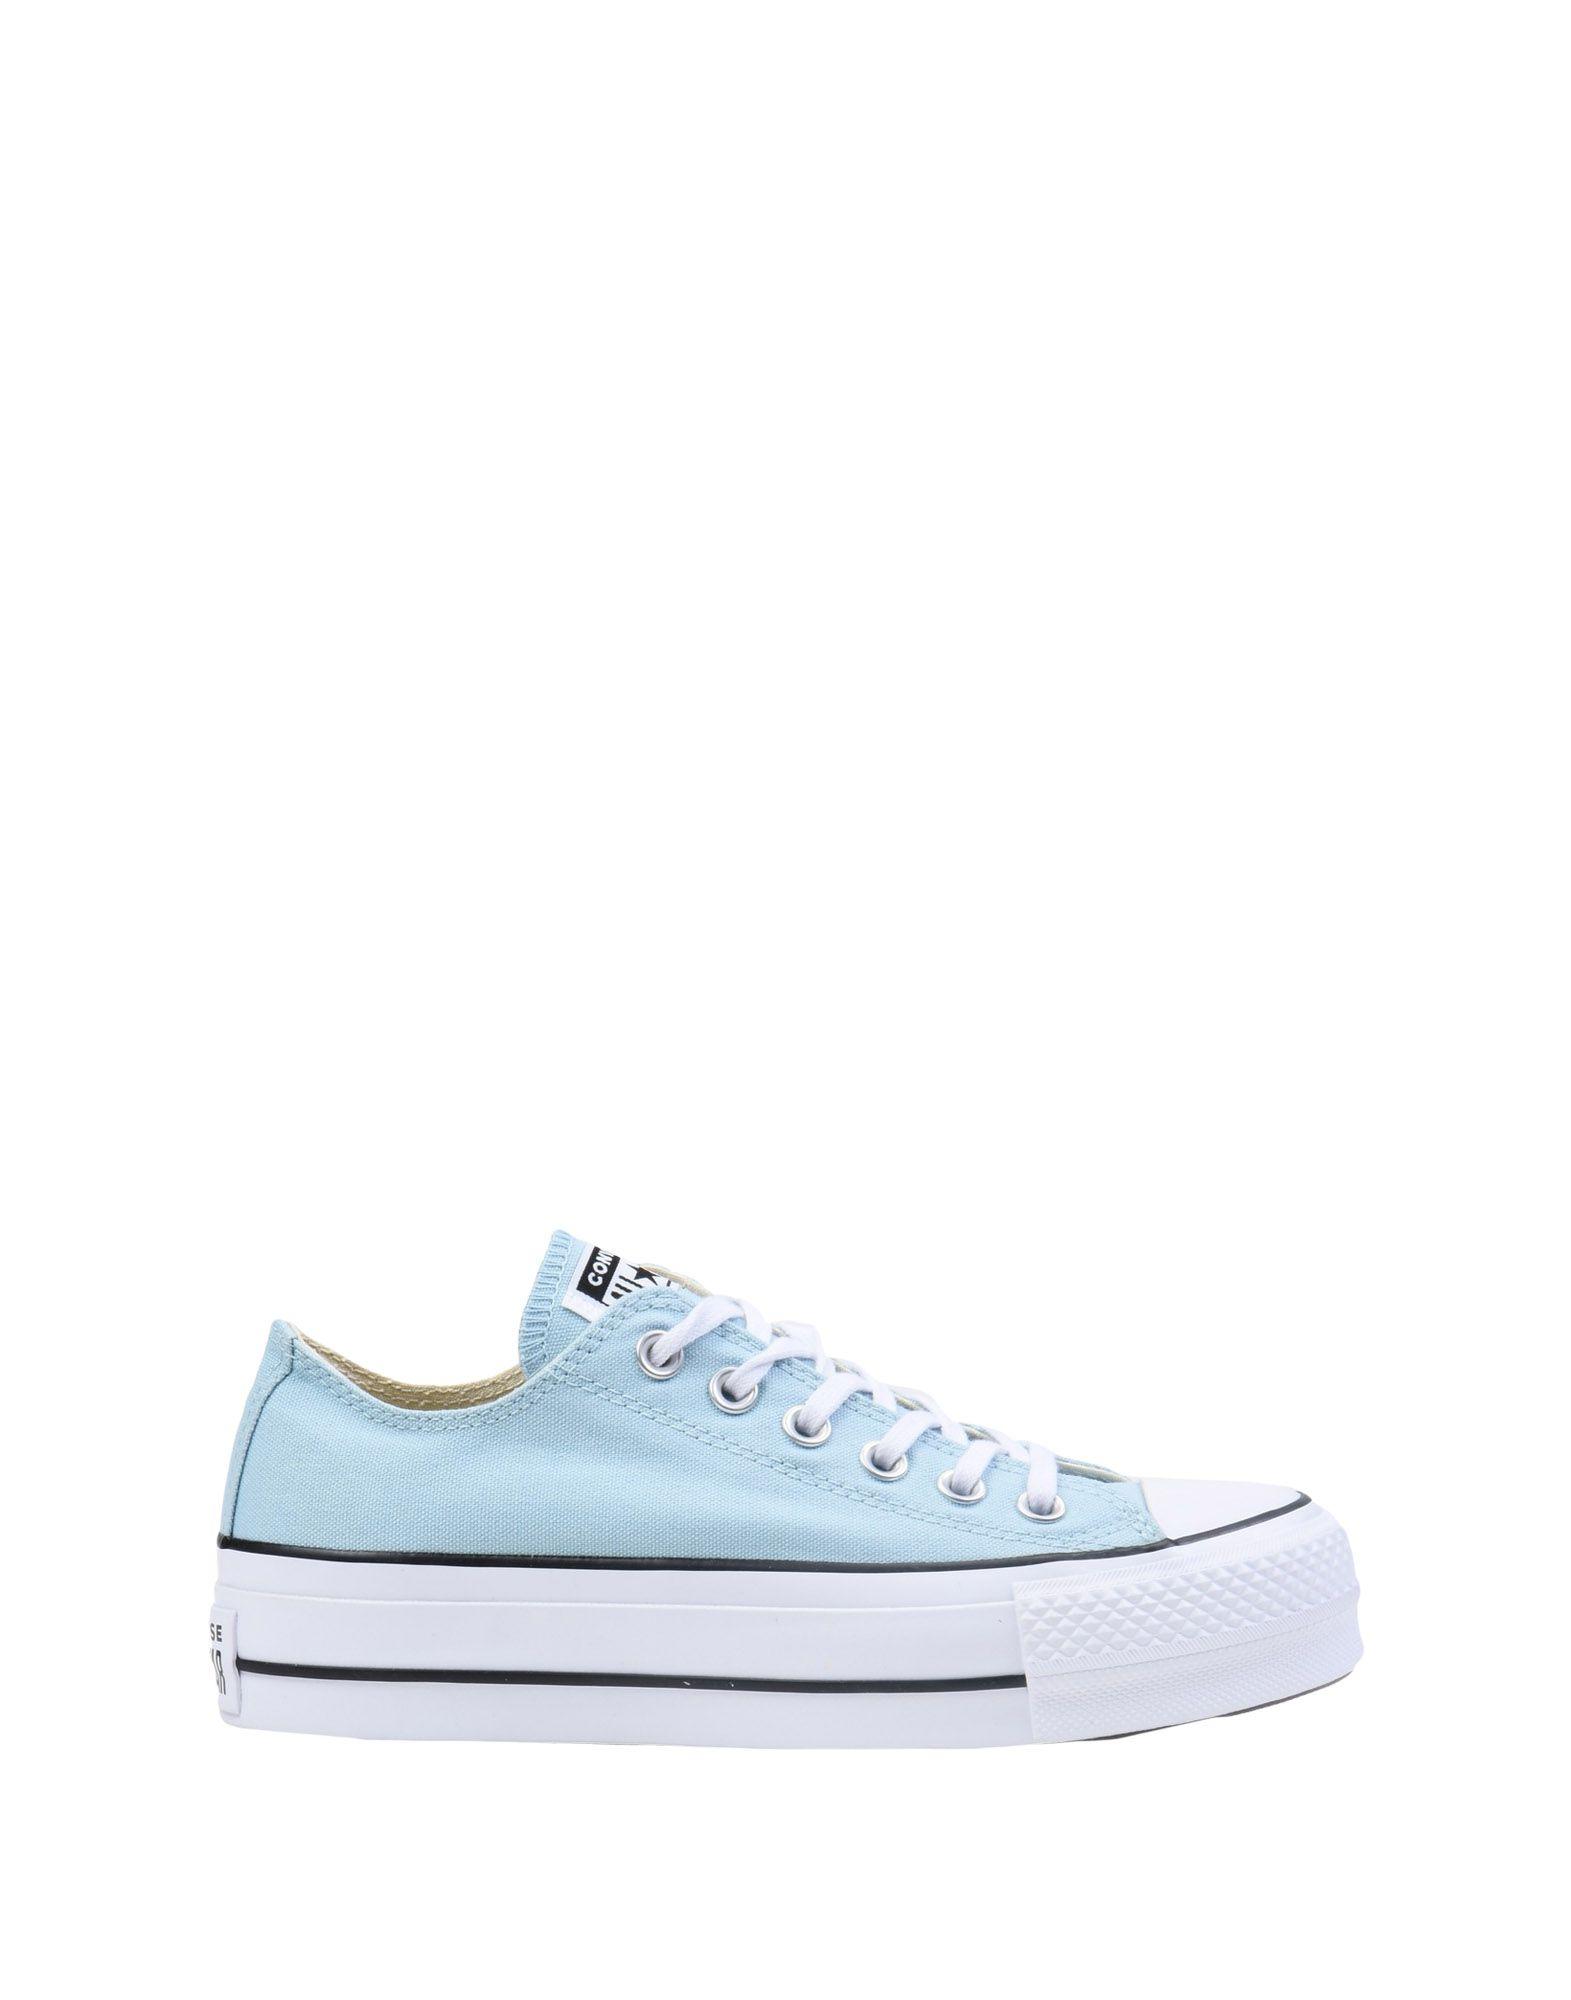 Converse All Star Chuck Taylor All Star Lift Ox Gute Canvas Color  11510635ES Gute Ox Qualität beliebte Schuhe d54e89